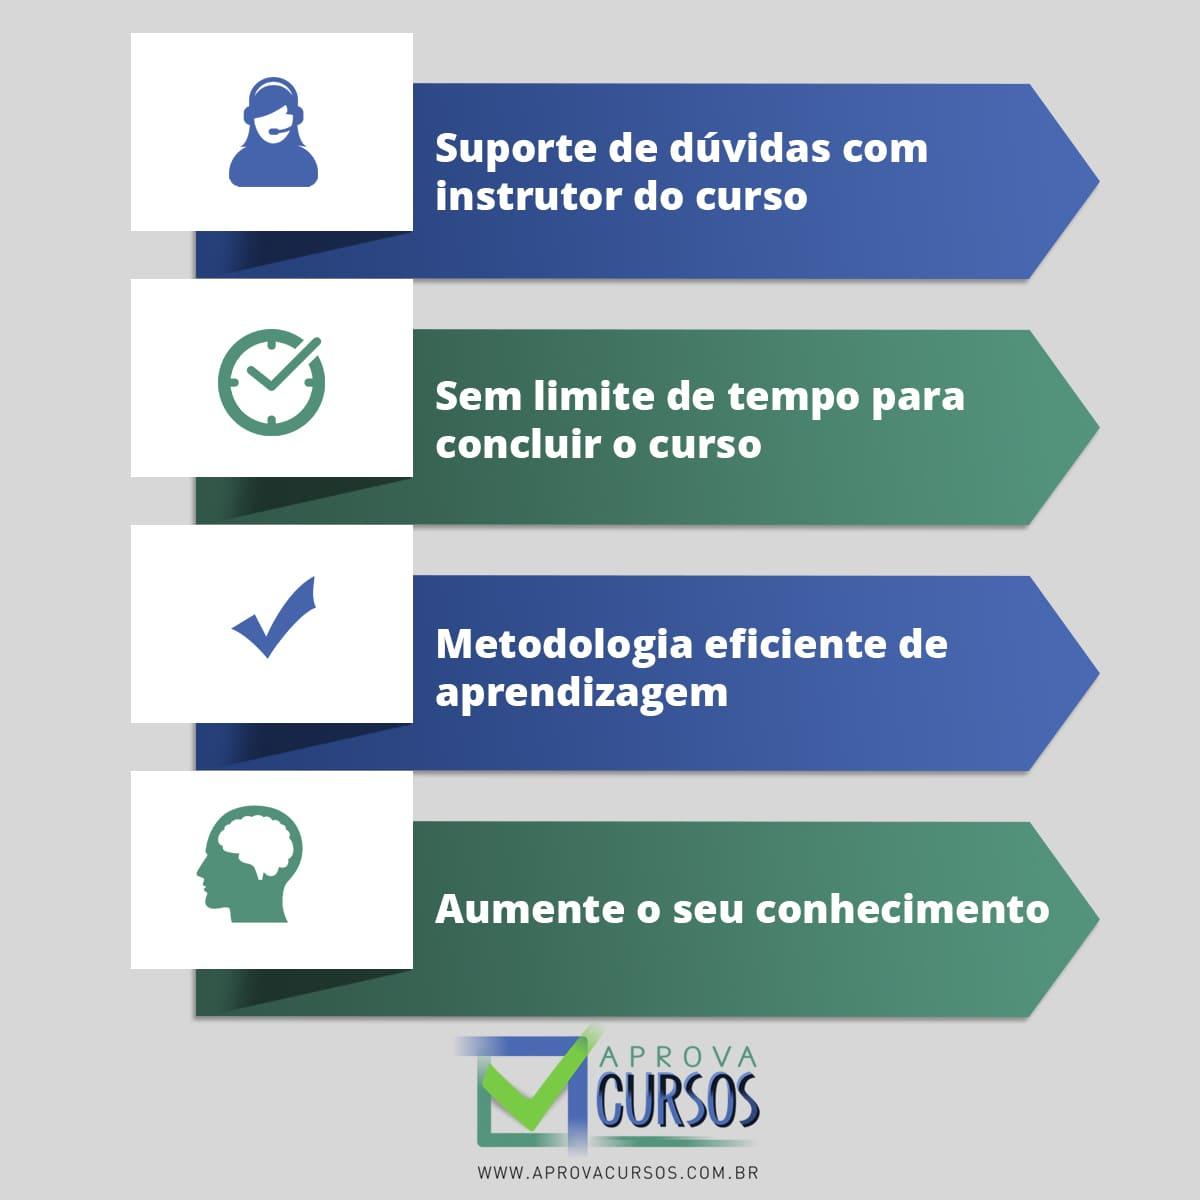 Curso Online de Diabetes Melito com Certificado  - Aprova Cursos